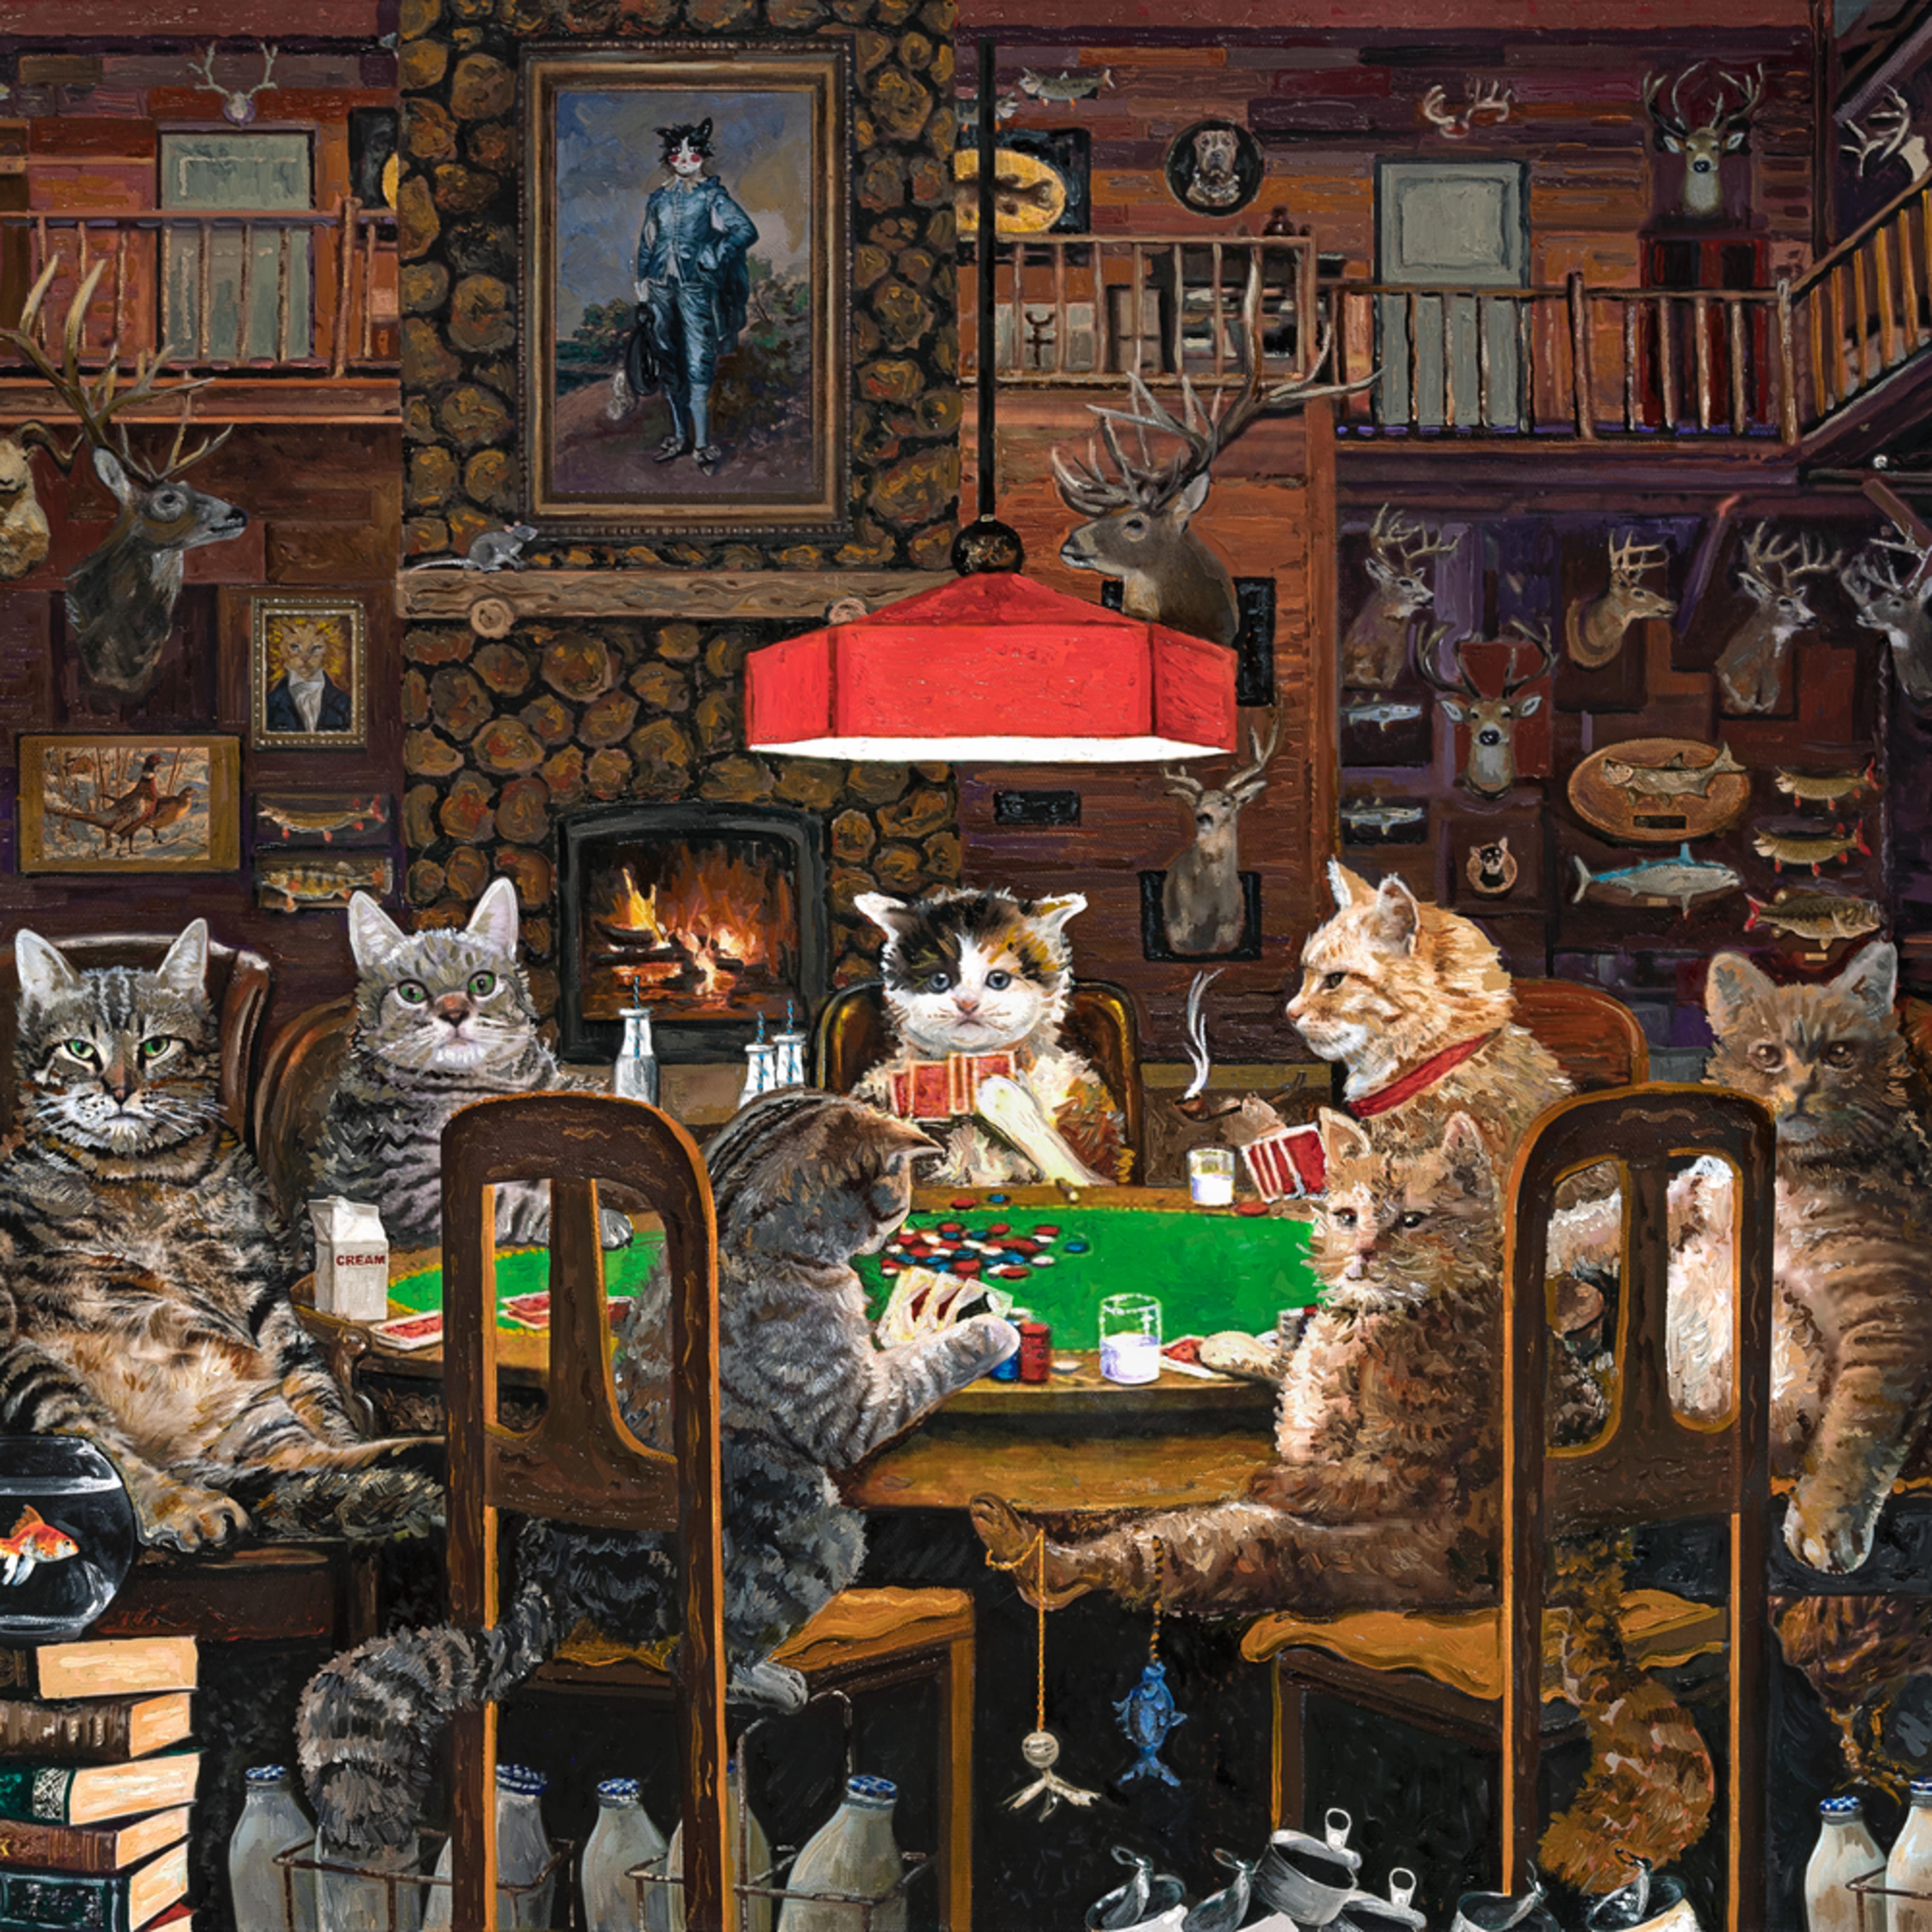 56858 pokercats 300mb gaffqp